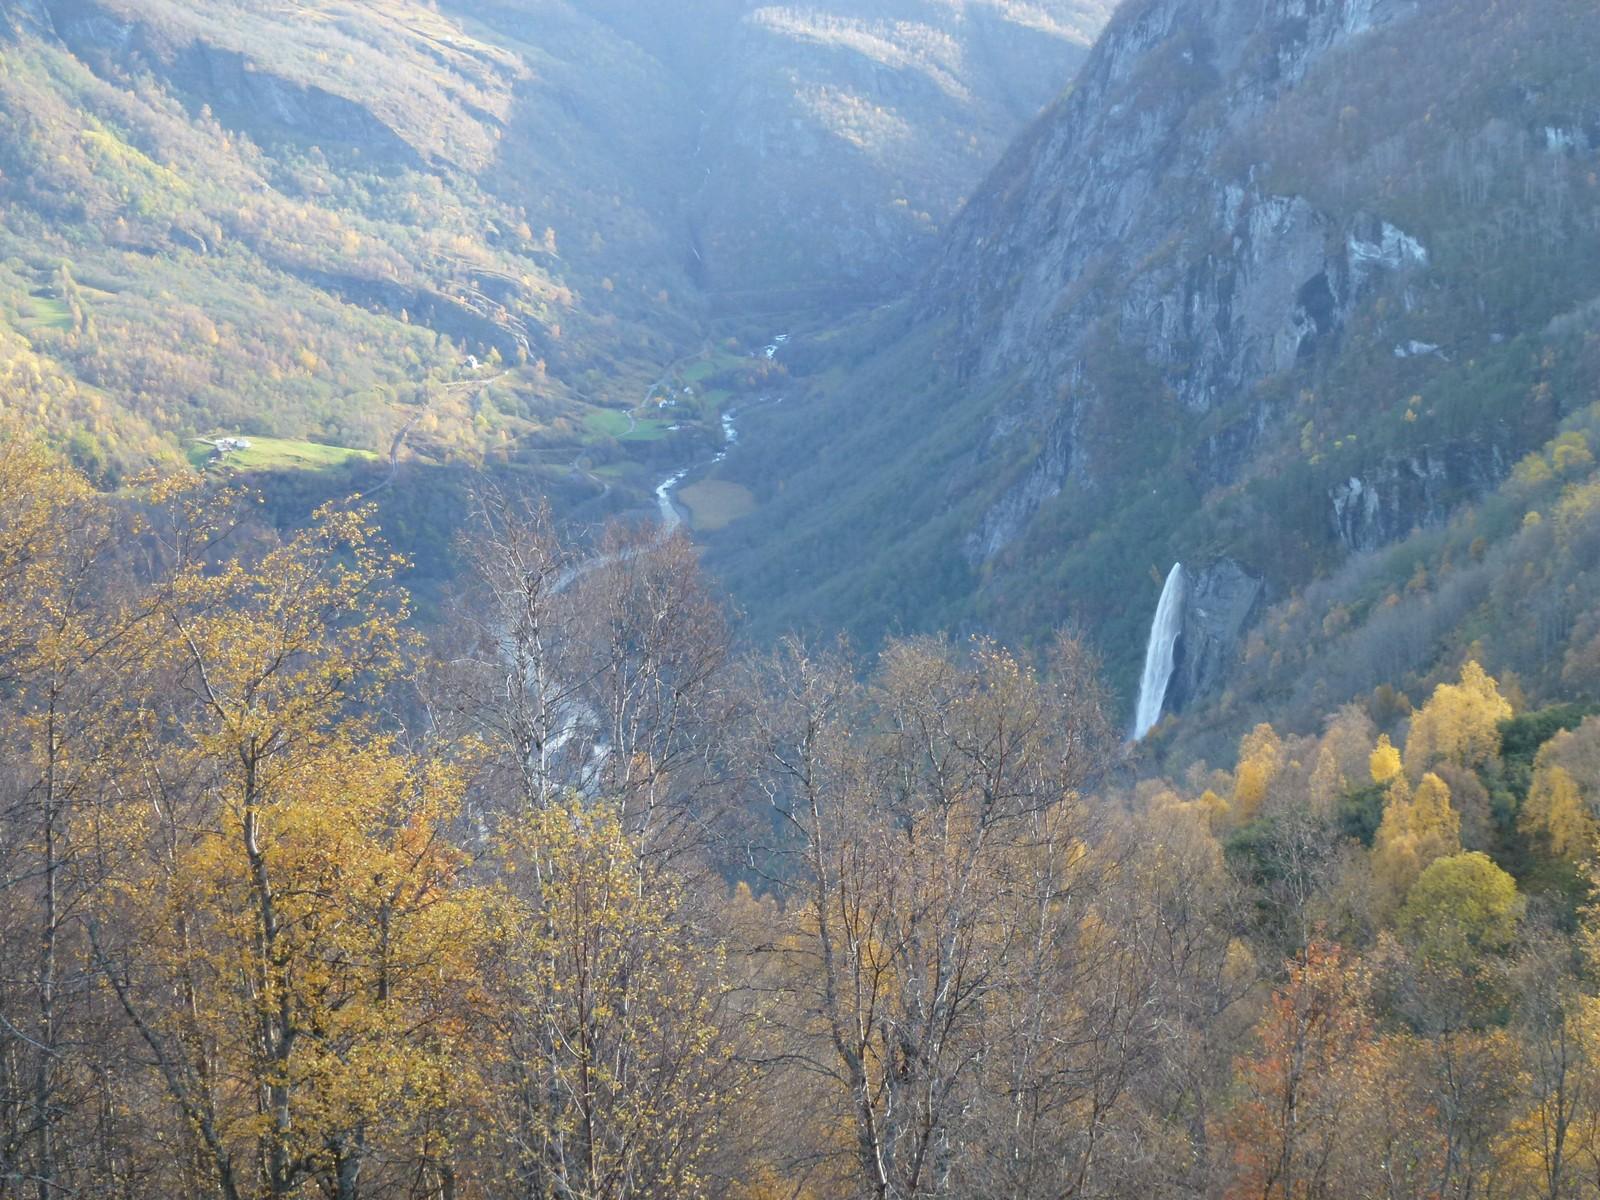 Lite kjente motiv, frå den mest fotograferte turistbygda i Sogn.